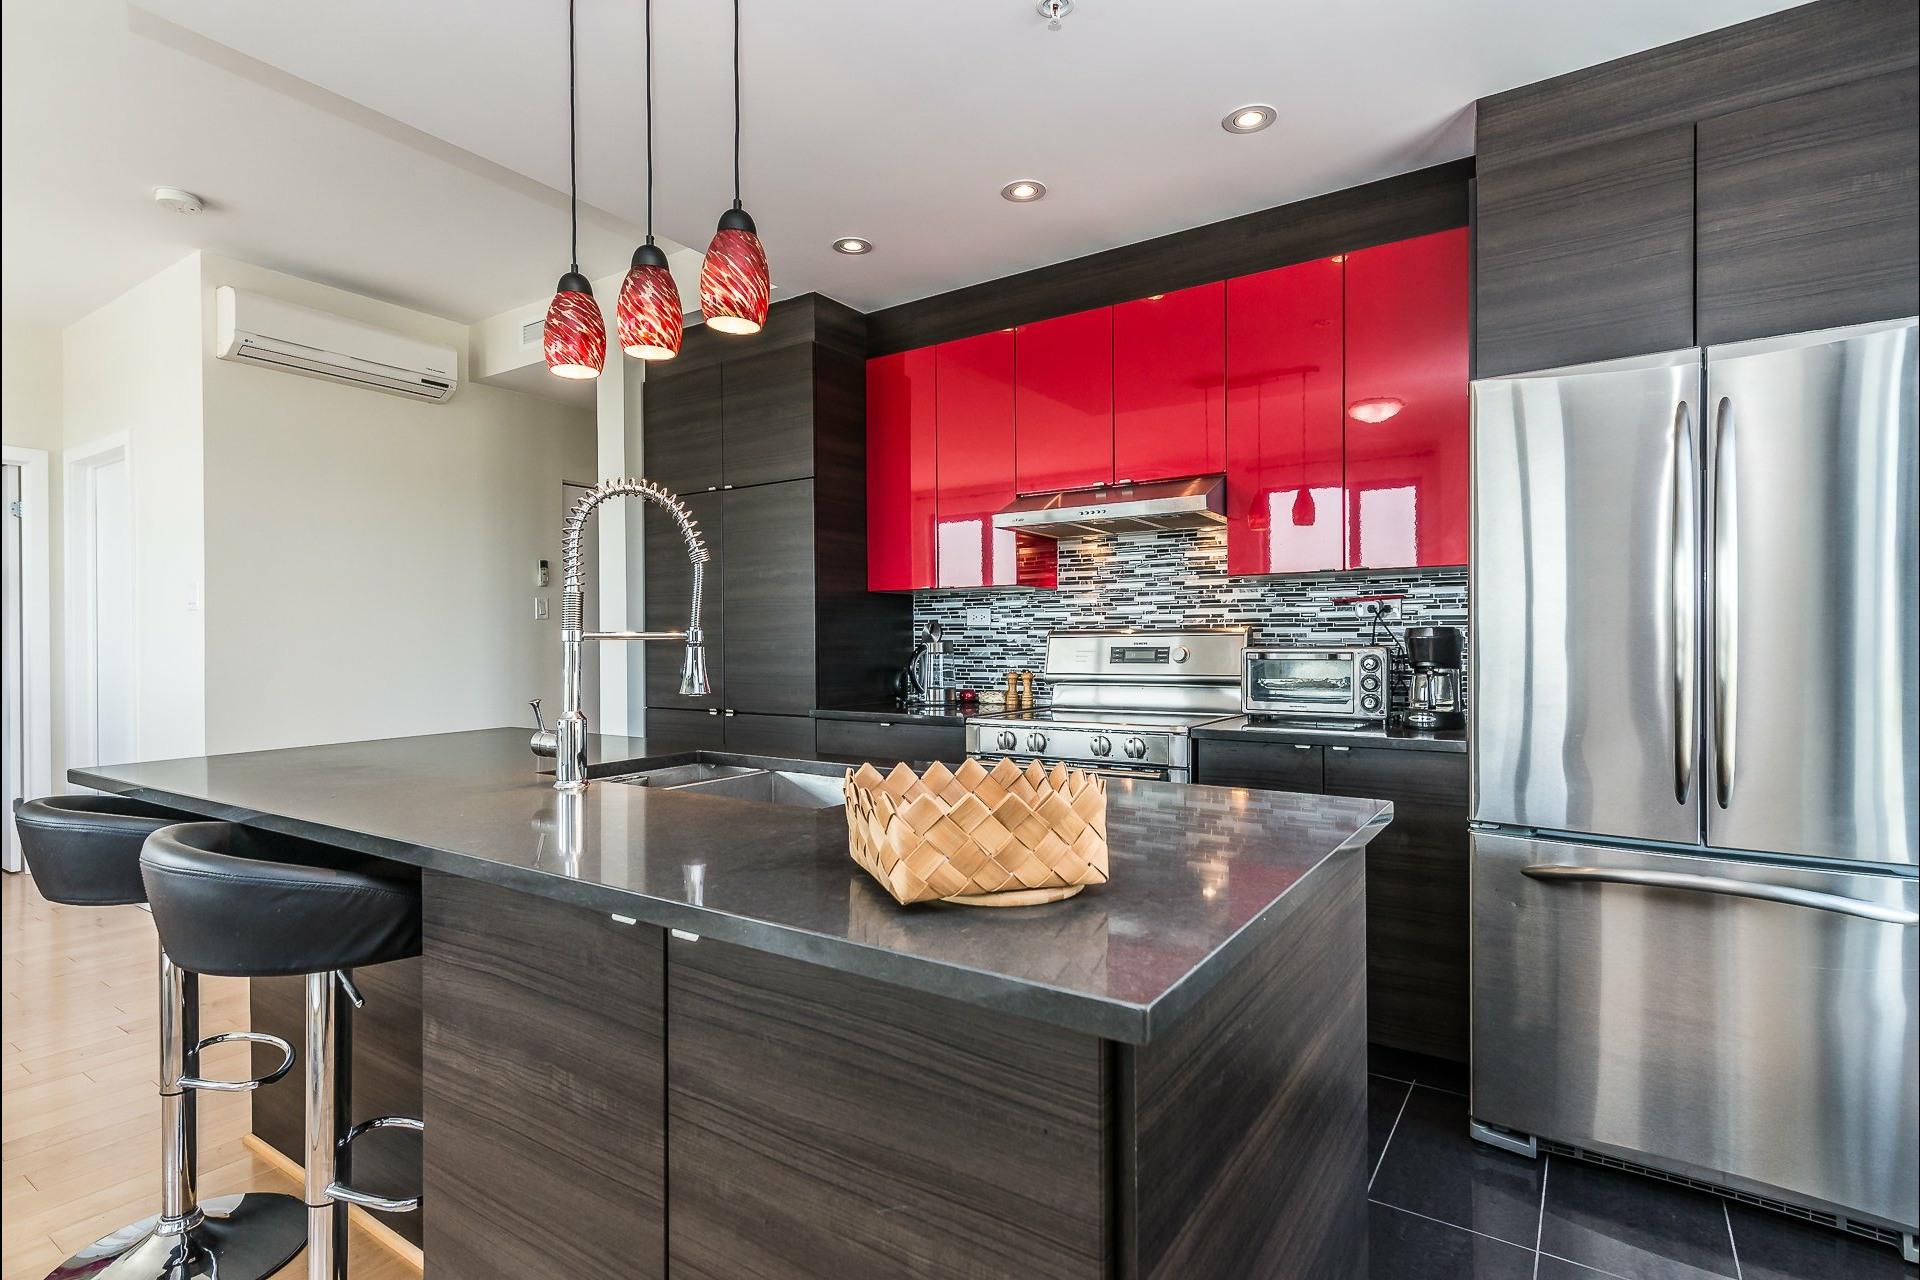 image 8 - Appartement À louer Montréal Côte-des-Neiges/Notre-Dame-de-Grâce  - 5 pièces